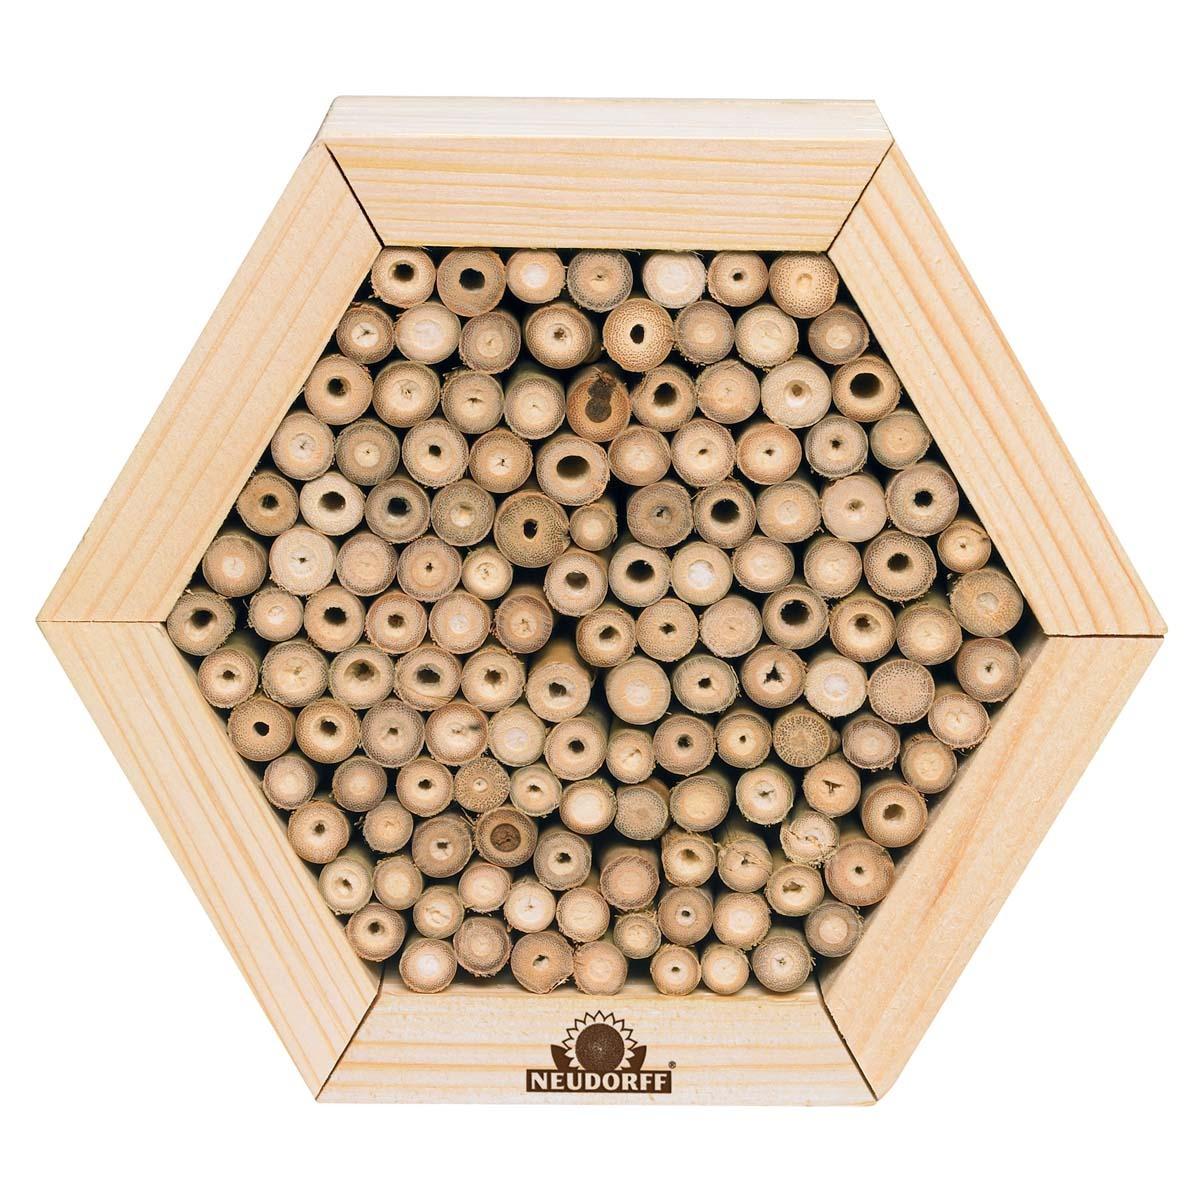 neudorff n tzlingswabe f r wildbienen und grabwespen nistplatz f r bienen wildbienenschutz. Black Bedroom Furniture Sets. Home Design Ideas